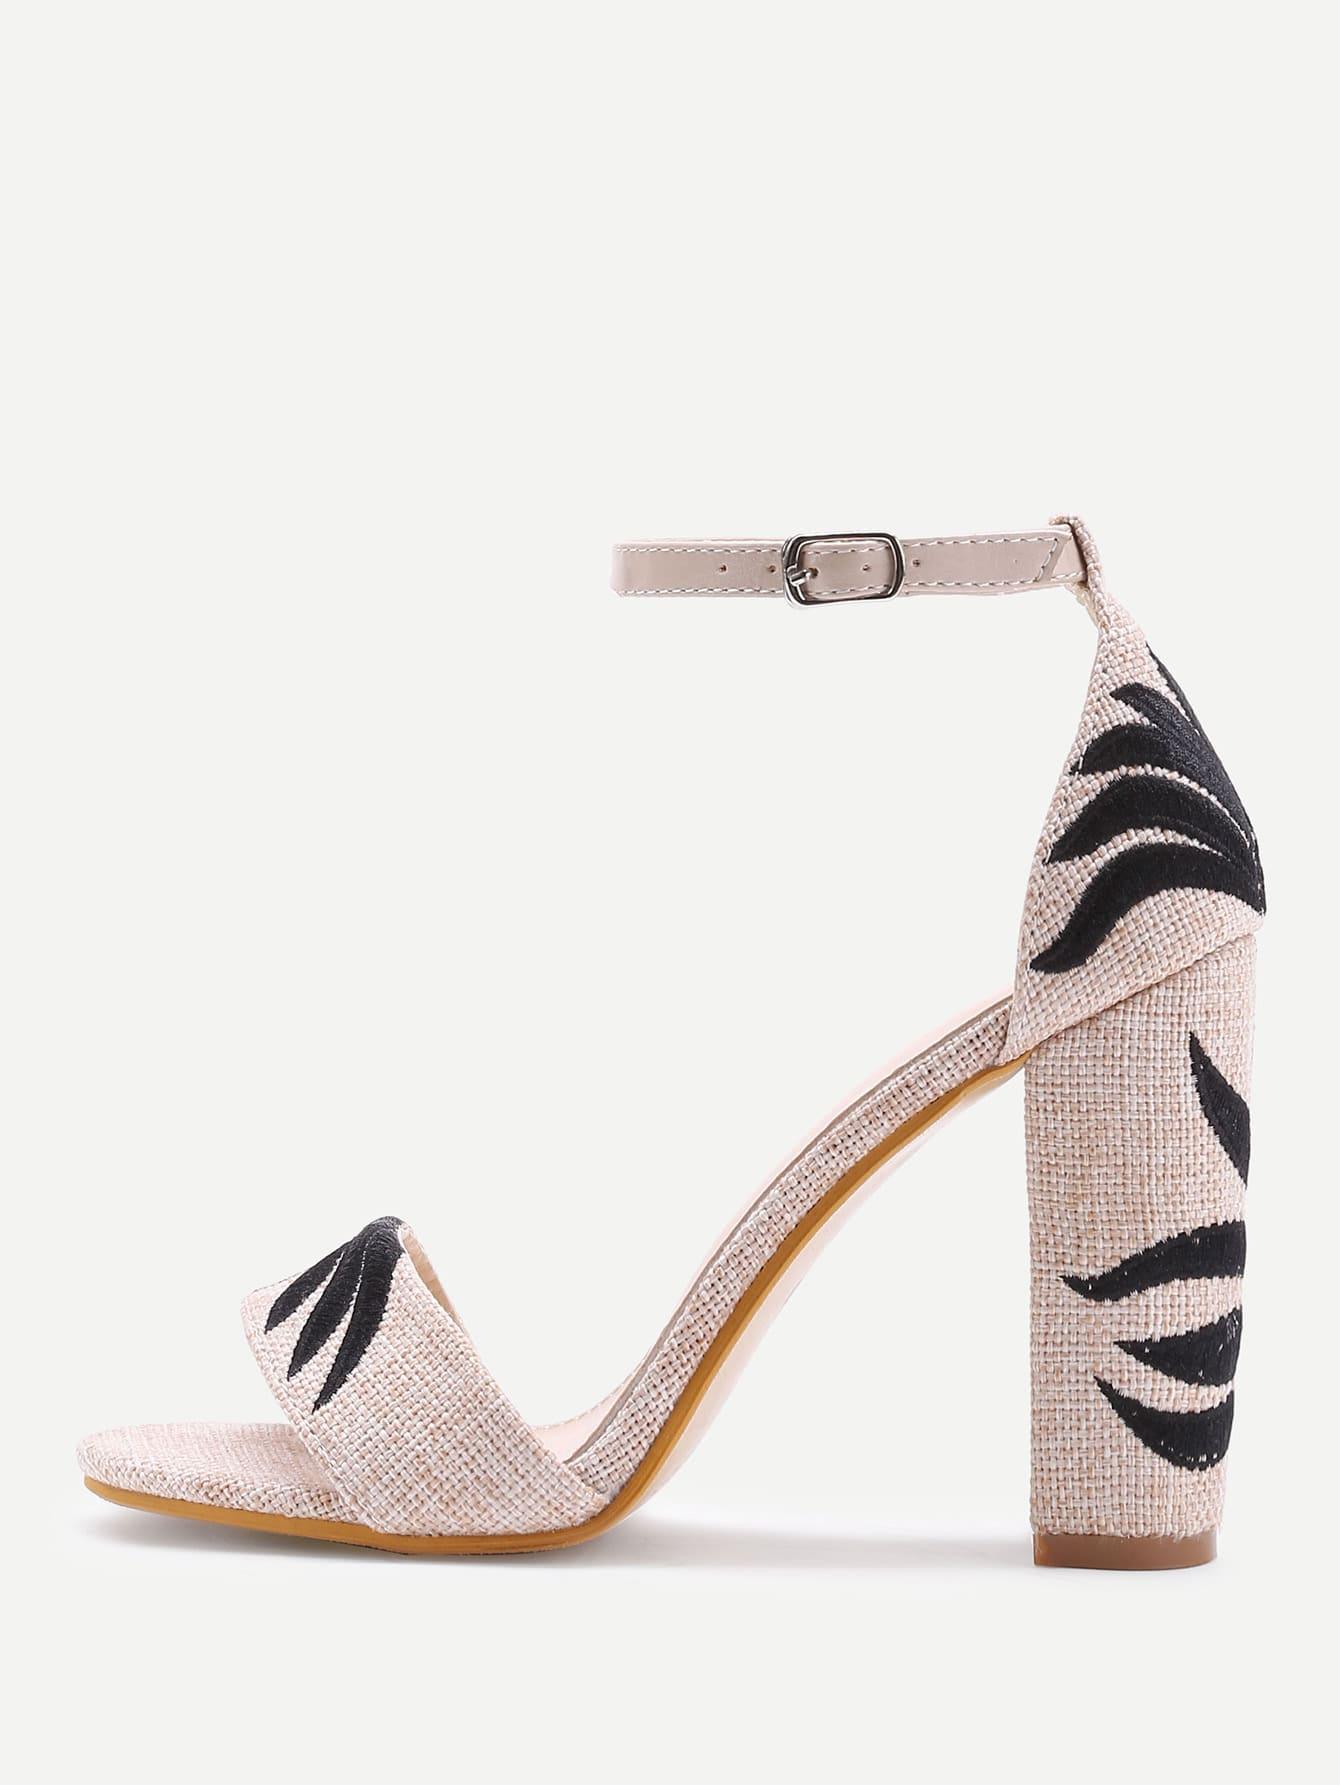 shoes170511801_2